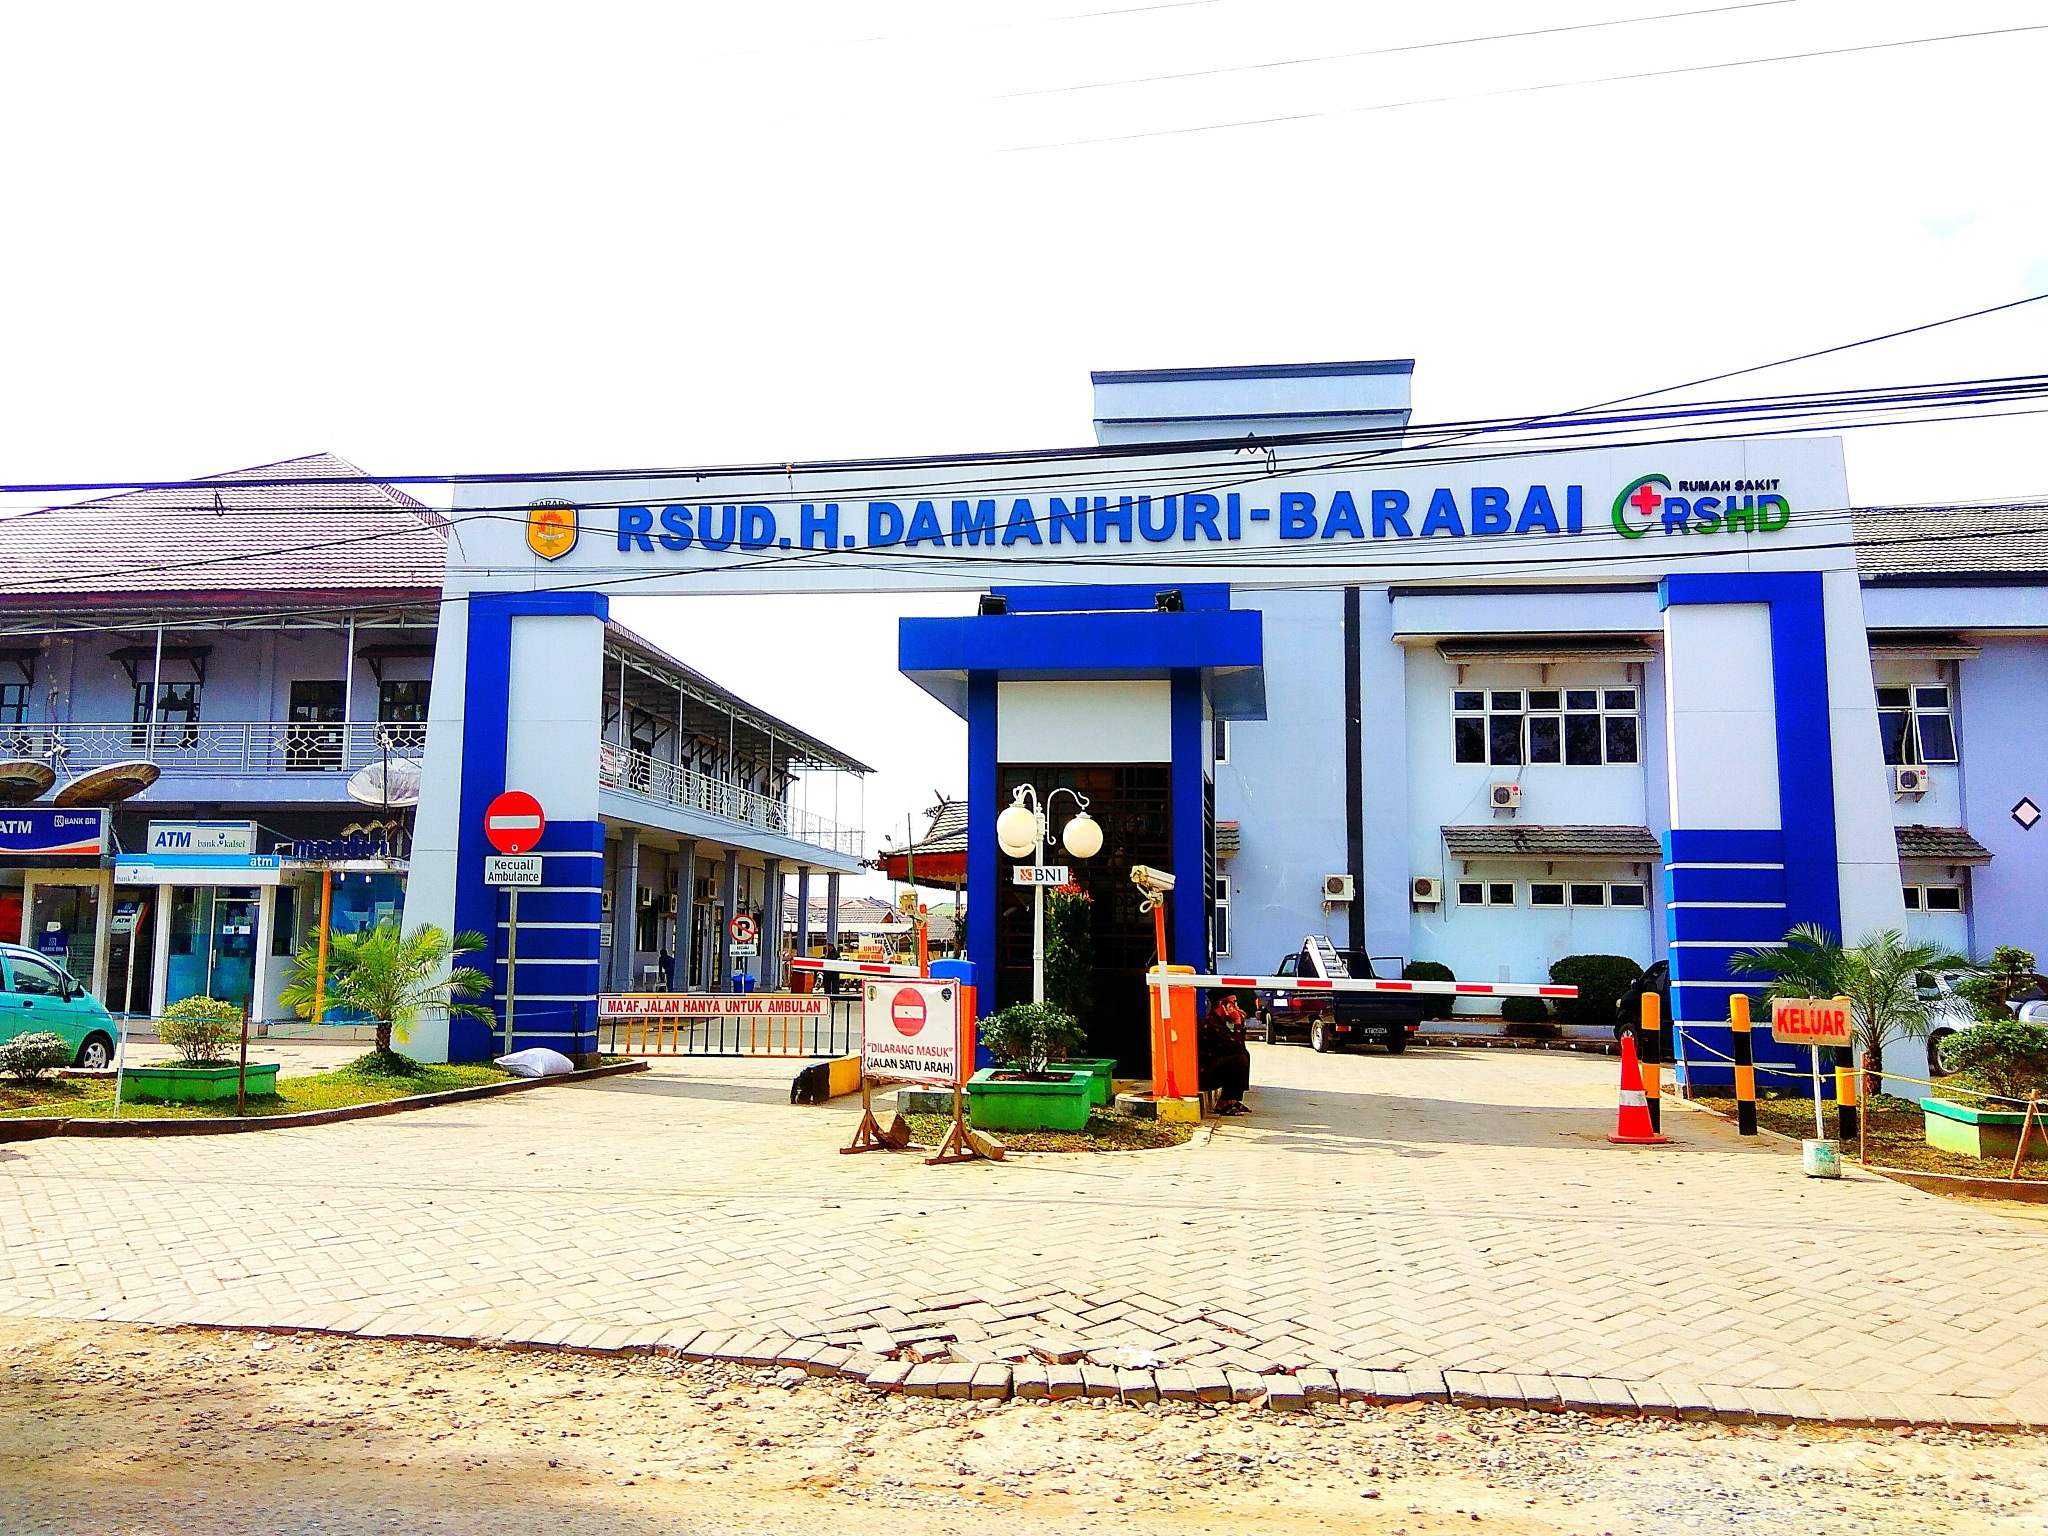 RSHD Barabai atau RSUD. H. Damanhuri Barabai  by Rif'at Maulana